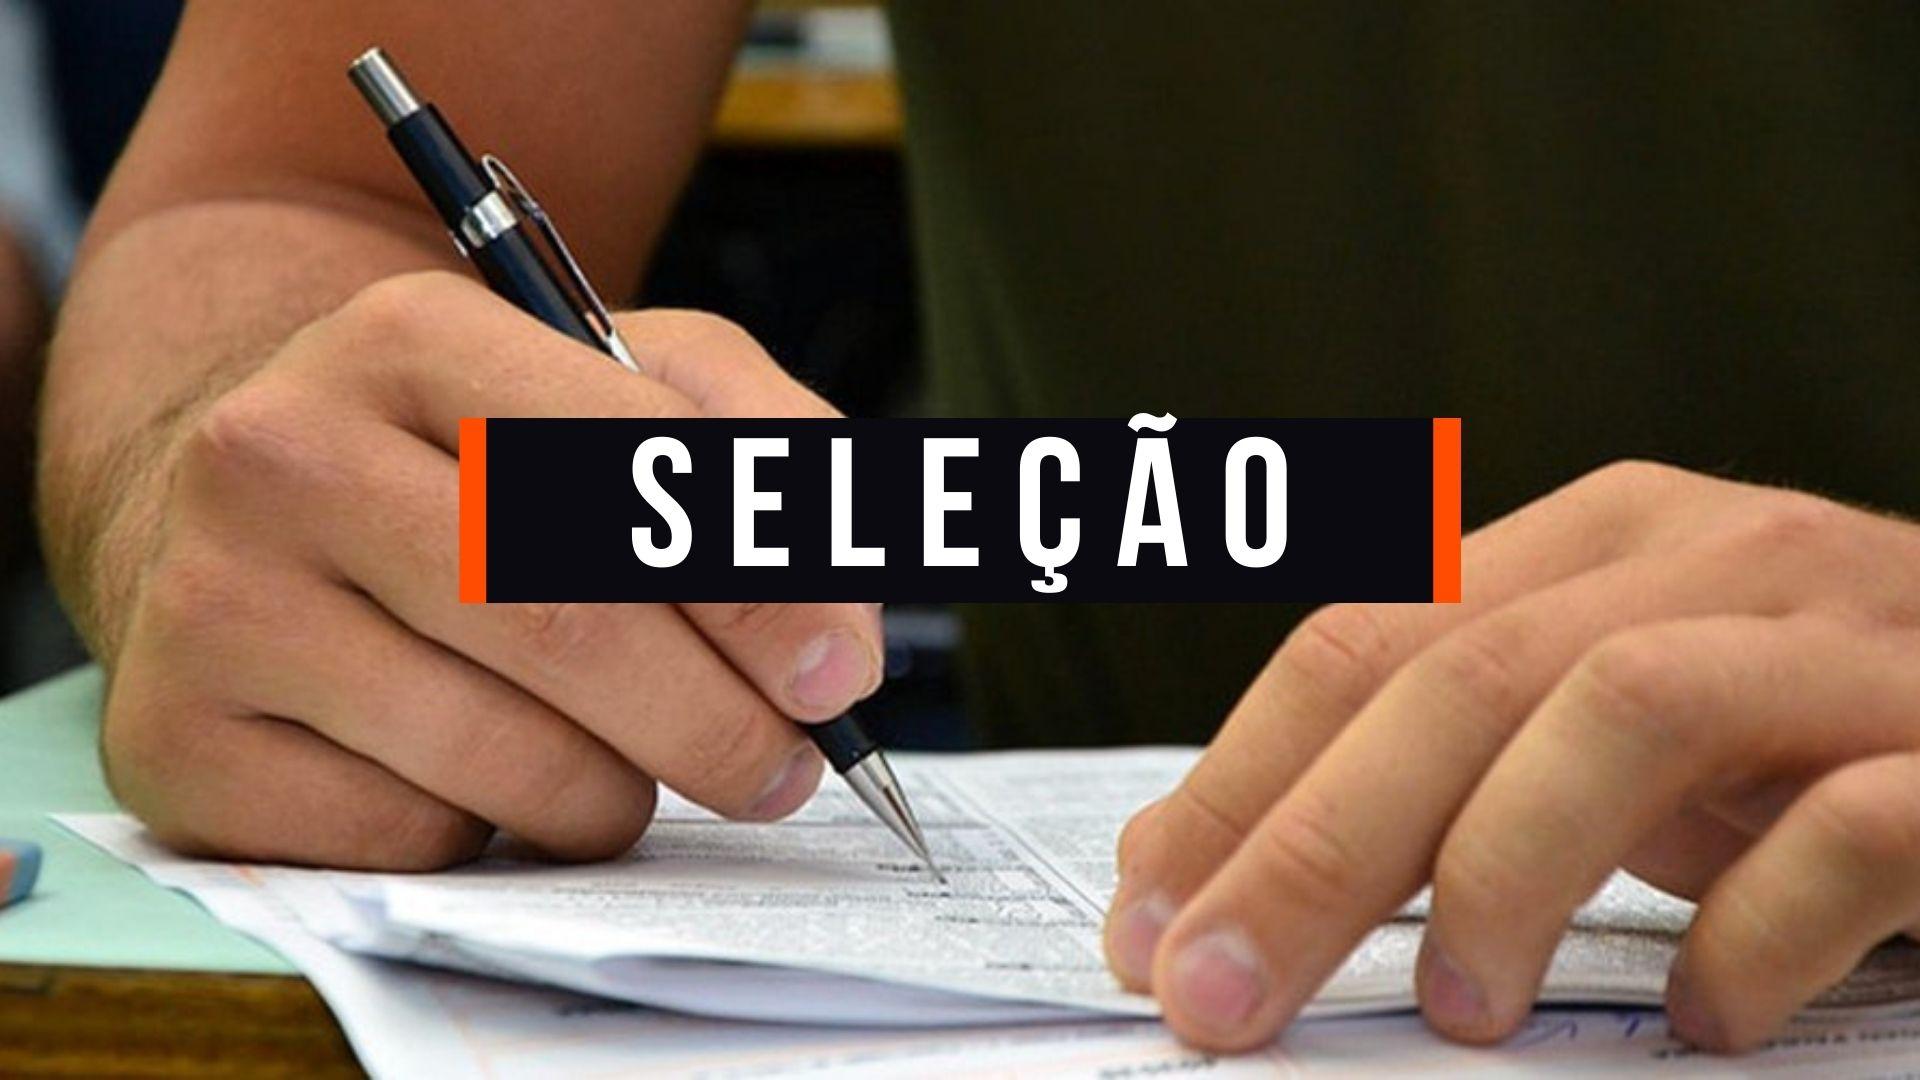 Cidade em Pernambuco abre seleção com 291 vagas e salário de até R$ 8 mil; confira como se candidatar